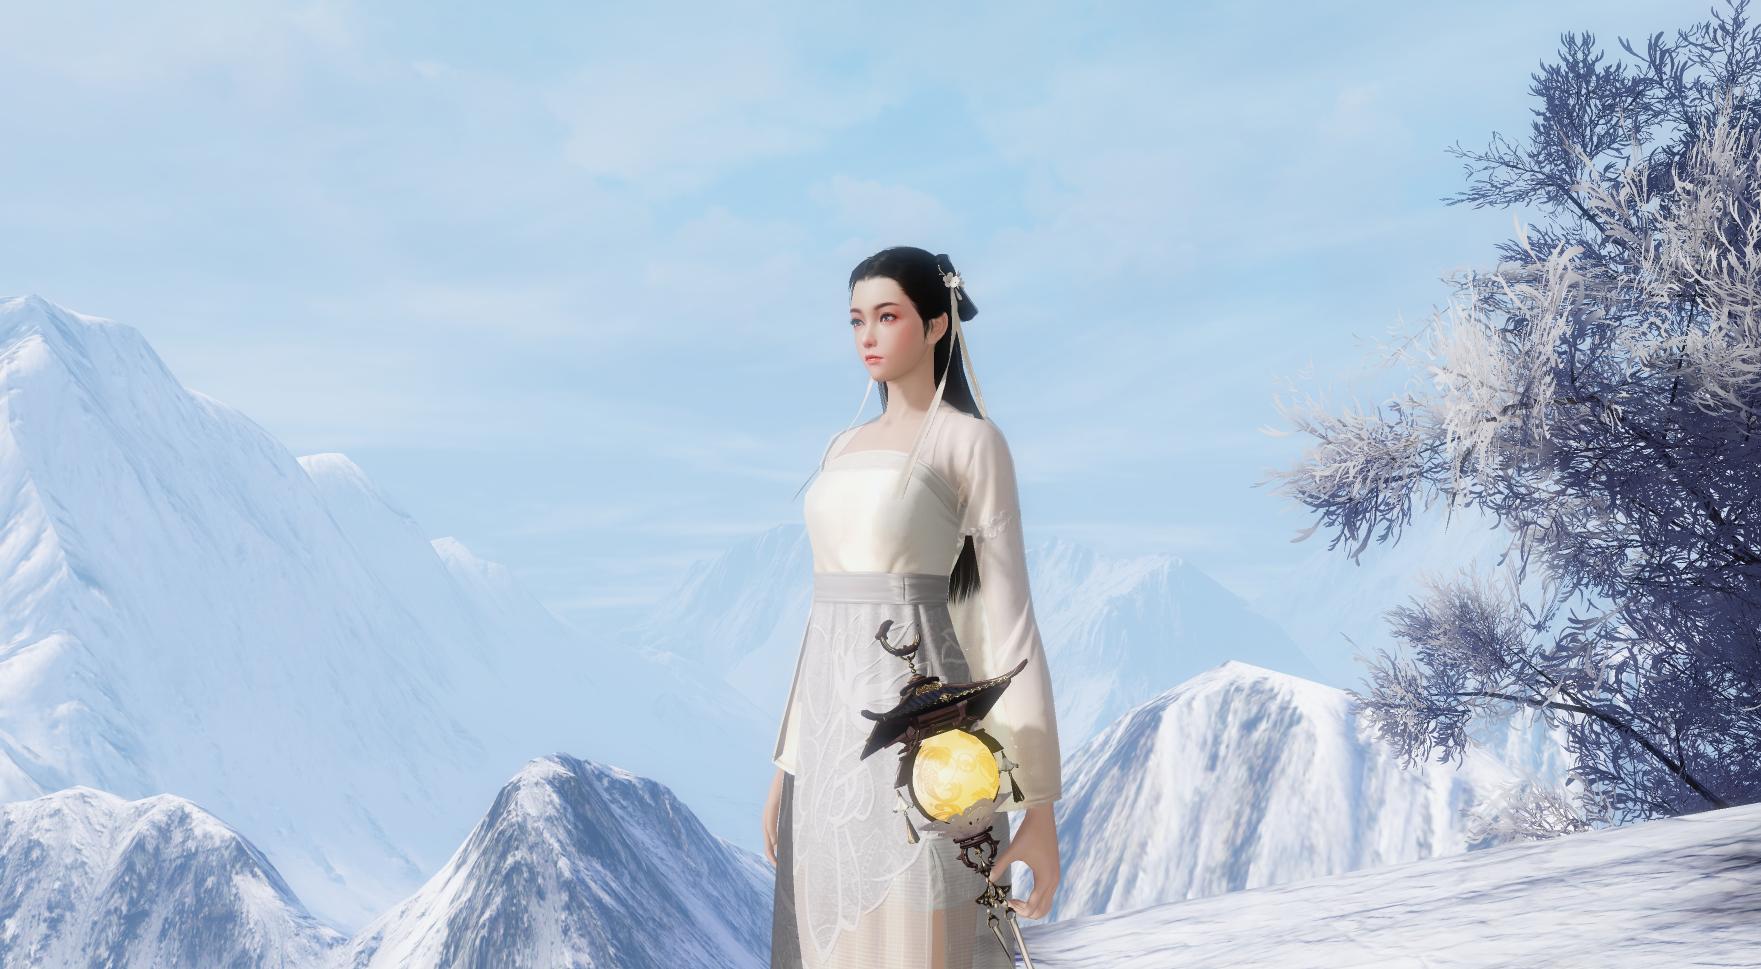 一梦江湖挂件凤烛星外观获得 专属动作获取